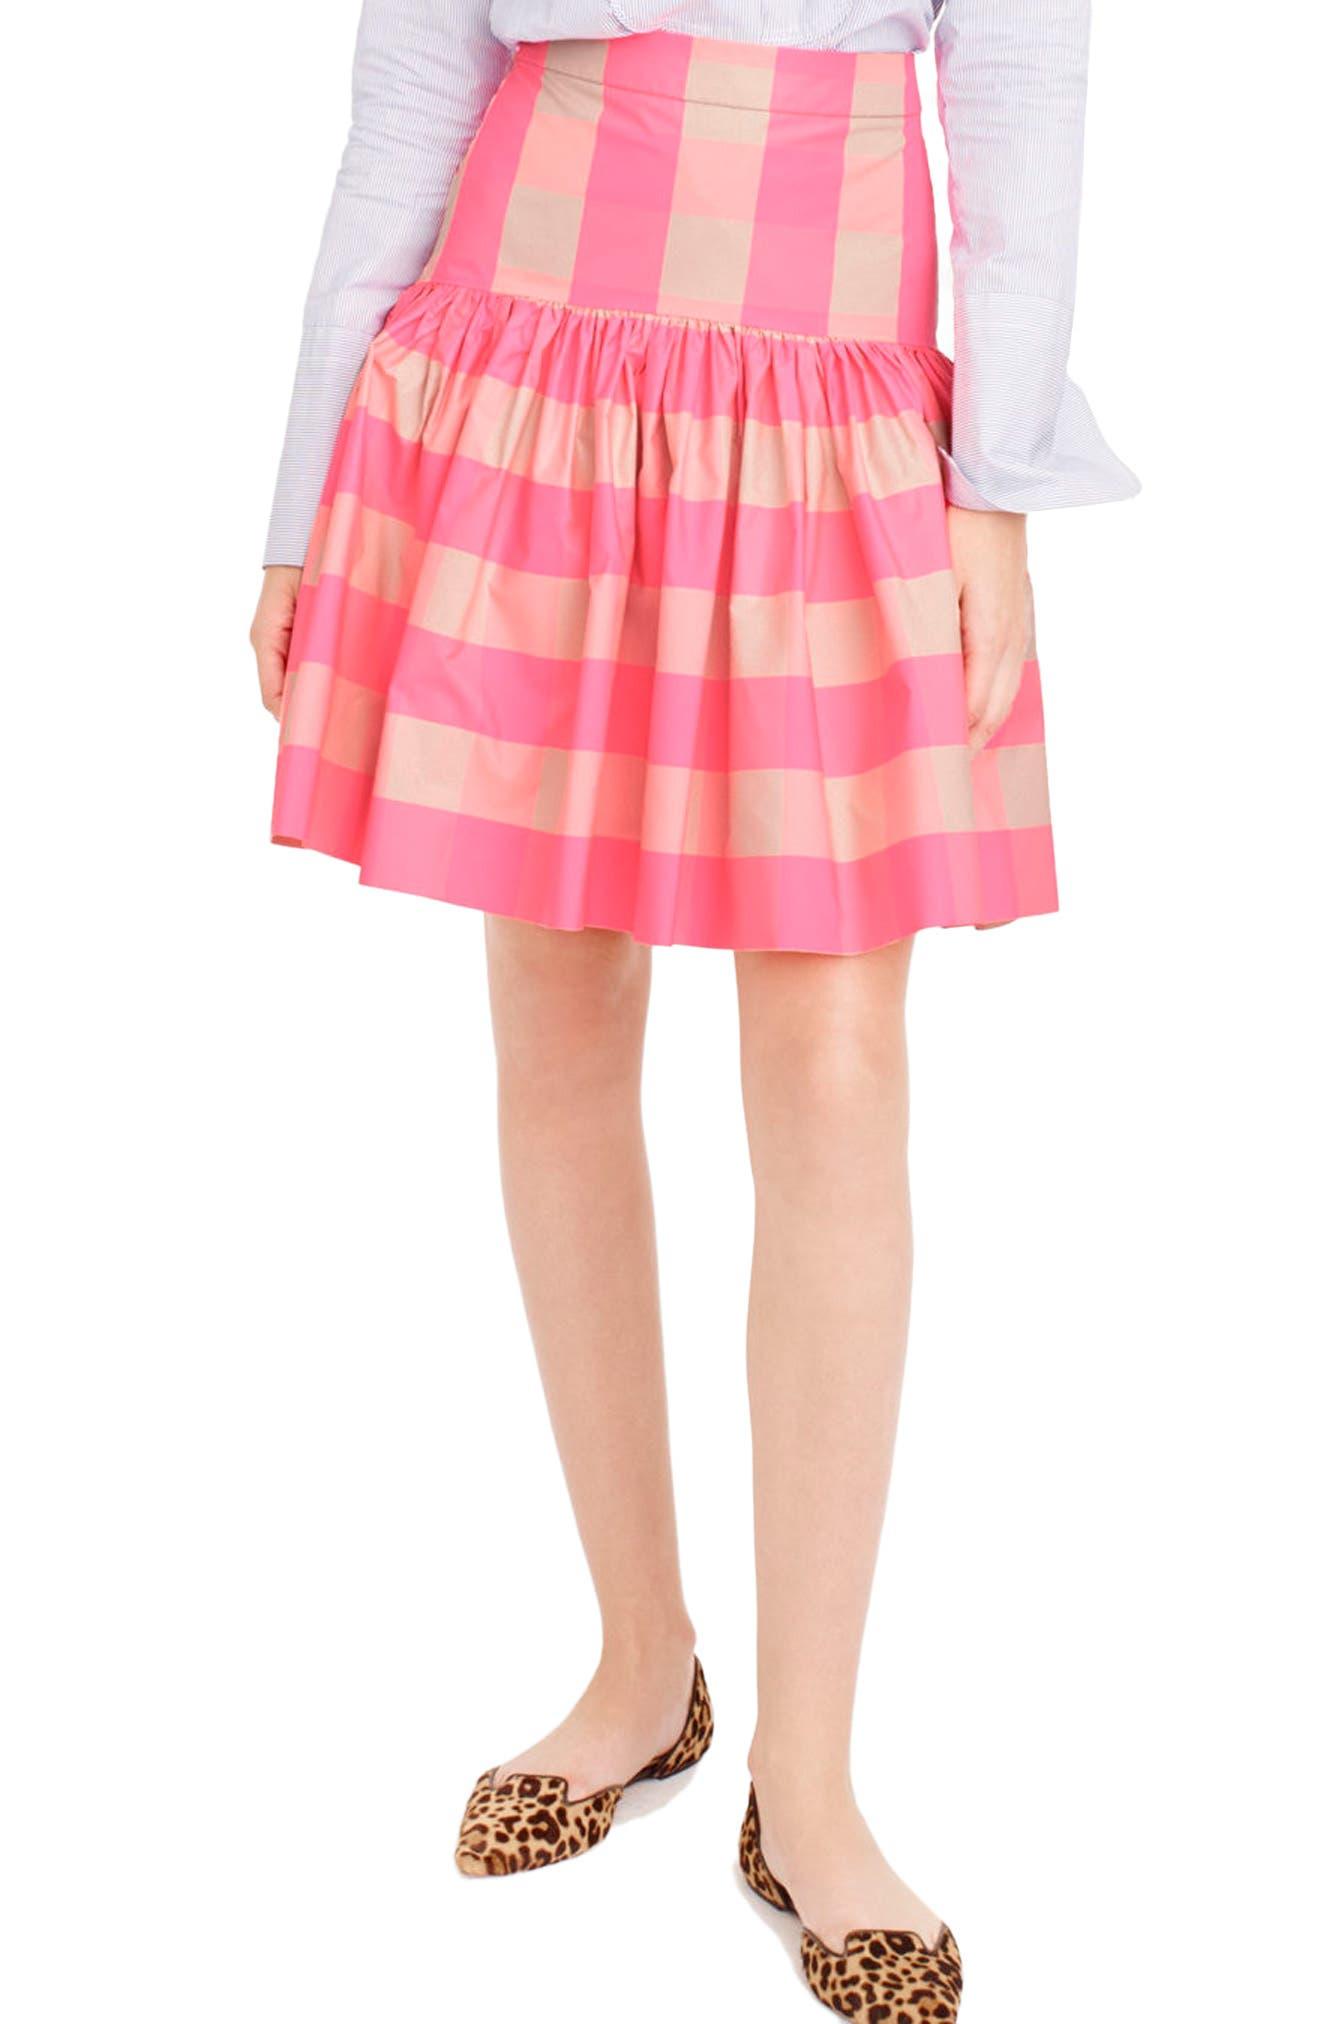 Neon Buffalo Check Taffeta Skirt,                             Main thumbnail 1, color,                             651